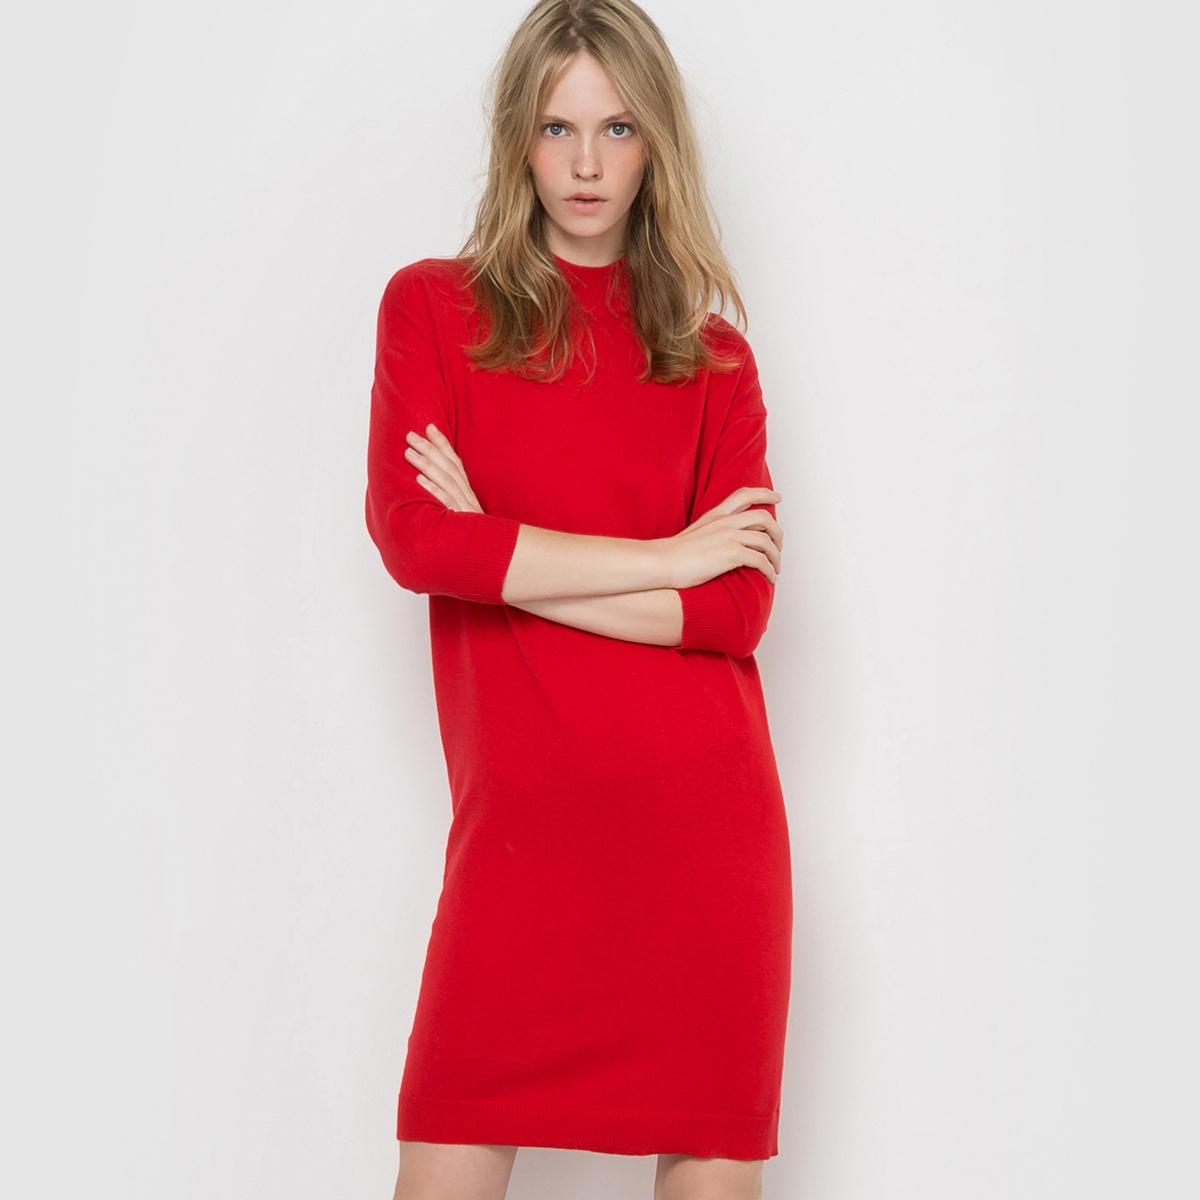 Платье-пуловер с высоким воротником из хлопка и кашемираПлатье-пуловер с укороченными рукавами. Высокий воротник. Отделка рубчиком выреза, манжет и низа.Состав и деталиМатериал: трикотаж, 95% хлопка, 5% кашемира.Длина 95 см.Марка: R essentiel. УходРучная стиркаСтирать и гладить с изнаночной стороны Гладить при умеренной температуреСухая (химическая) чистка разрешена.<br><br>Цвет: красный<br>Размер: 42/44 (FR) - 48/50 (RUS)